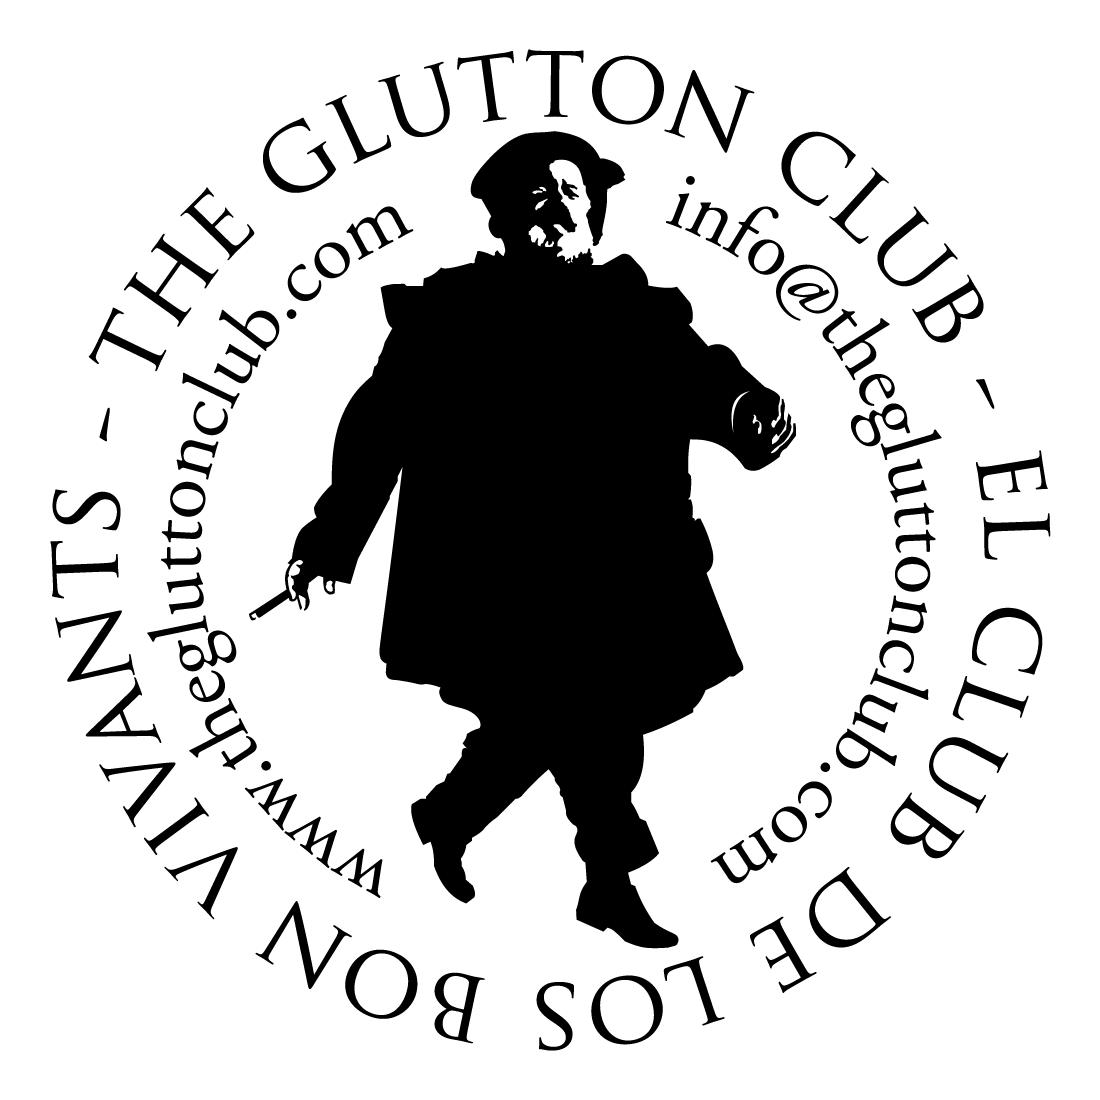 The Glutton Club